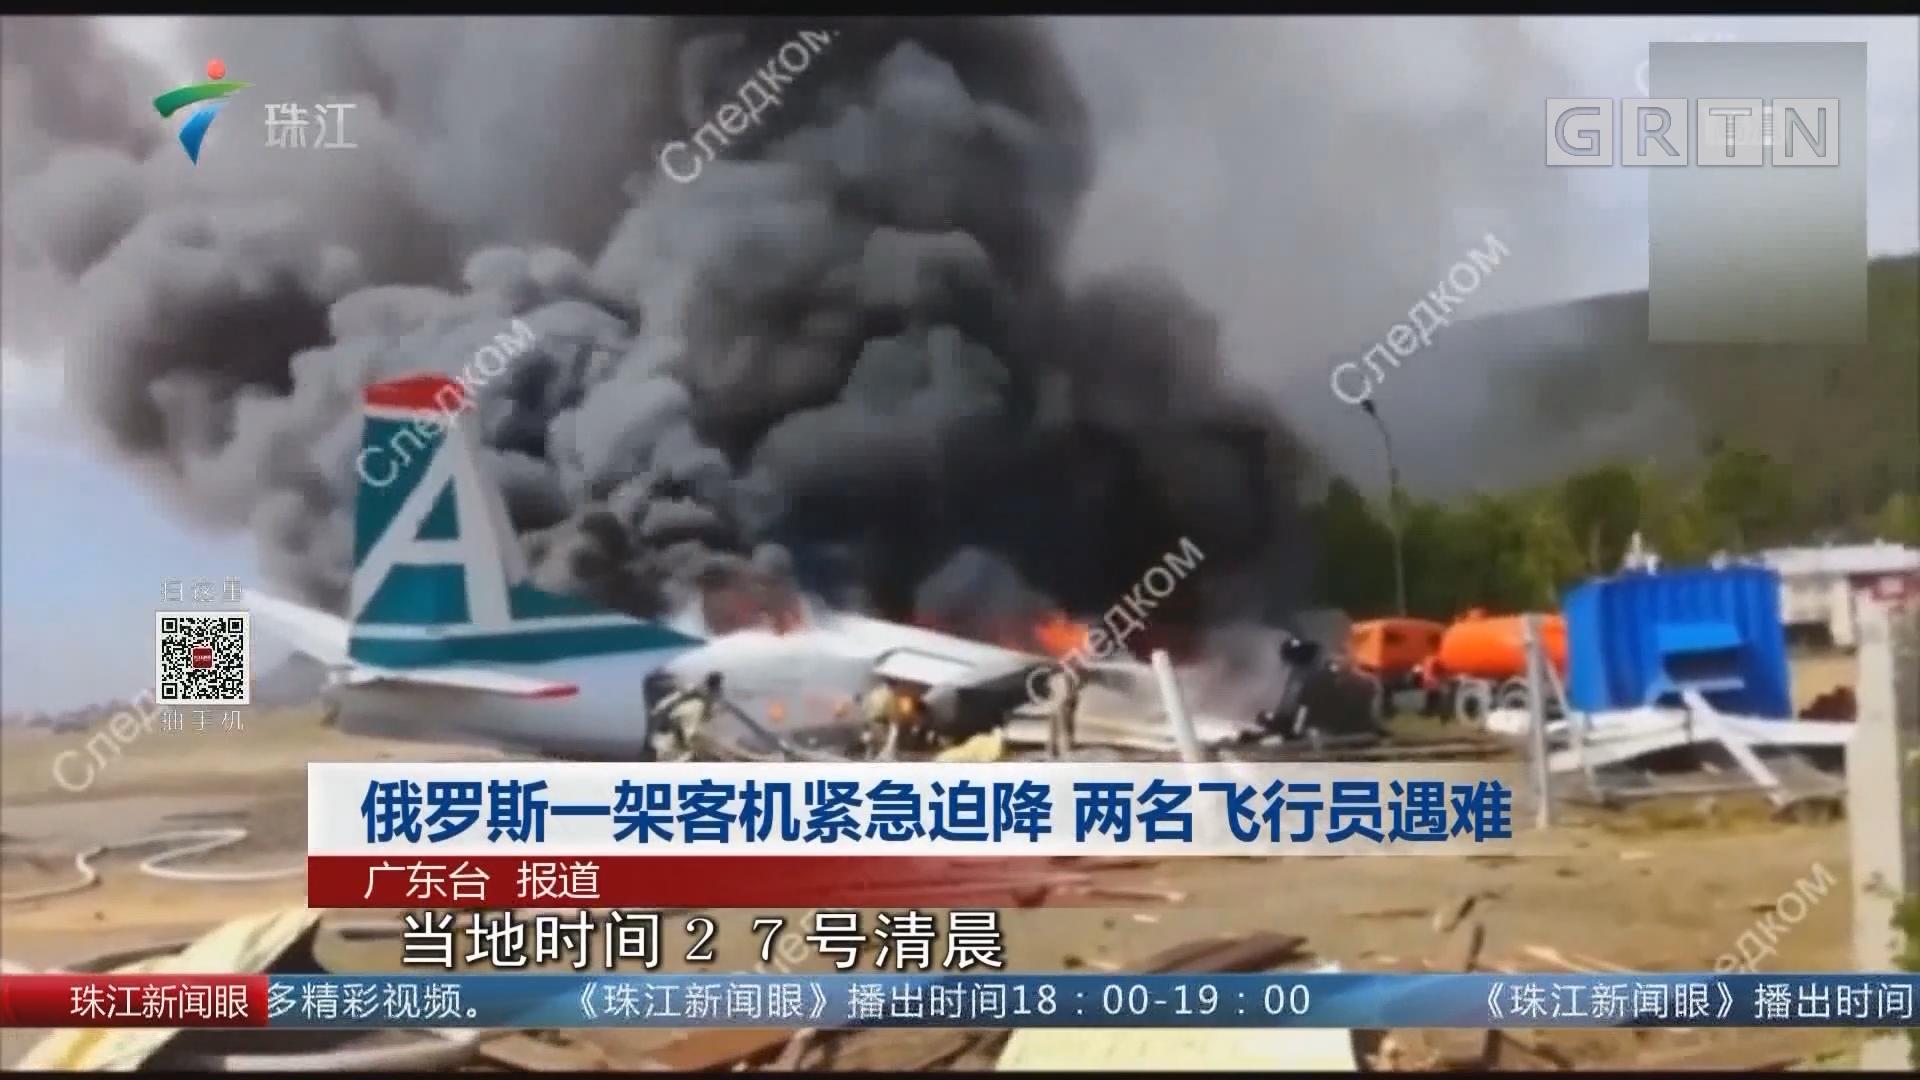 俄罗斯一架客机紧急迫降 两名飞行员遇难